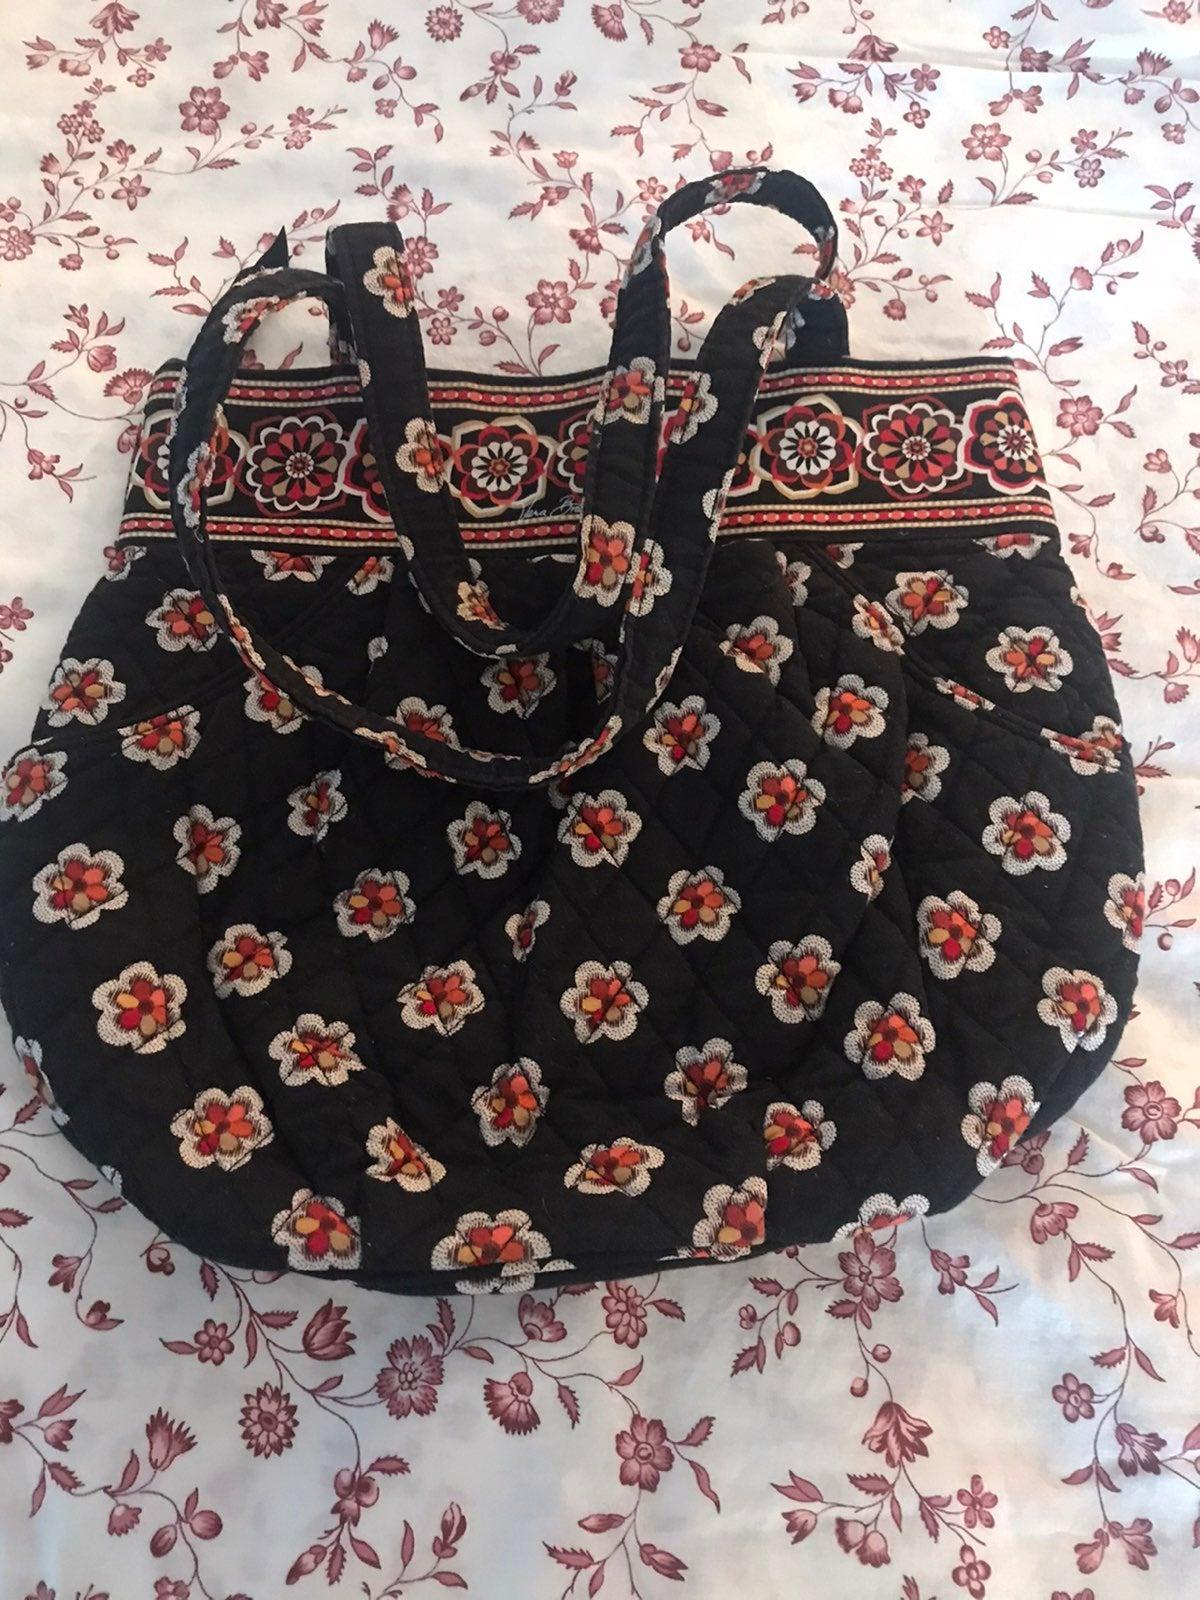 Vera Bradley Handbag Black Floral Purse